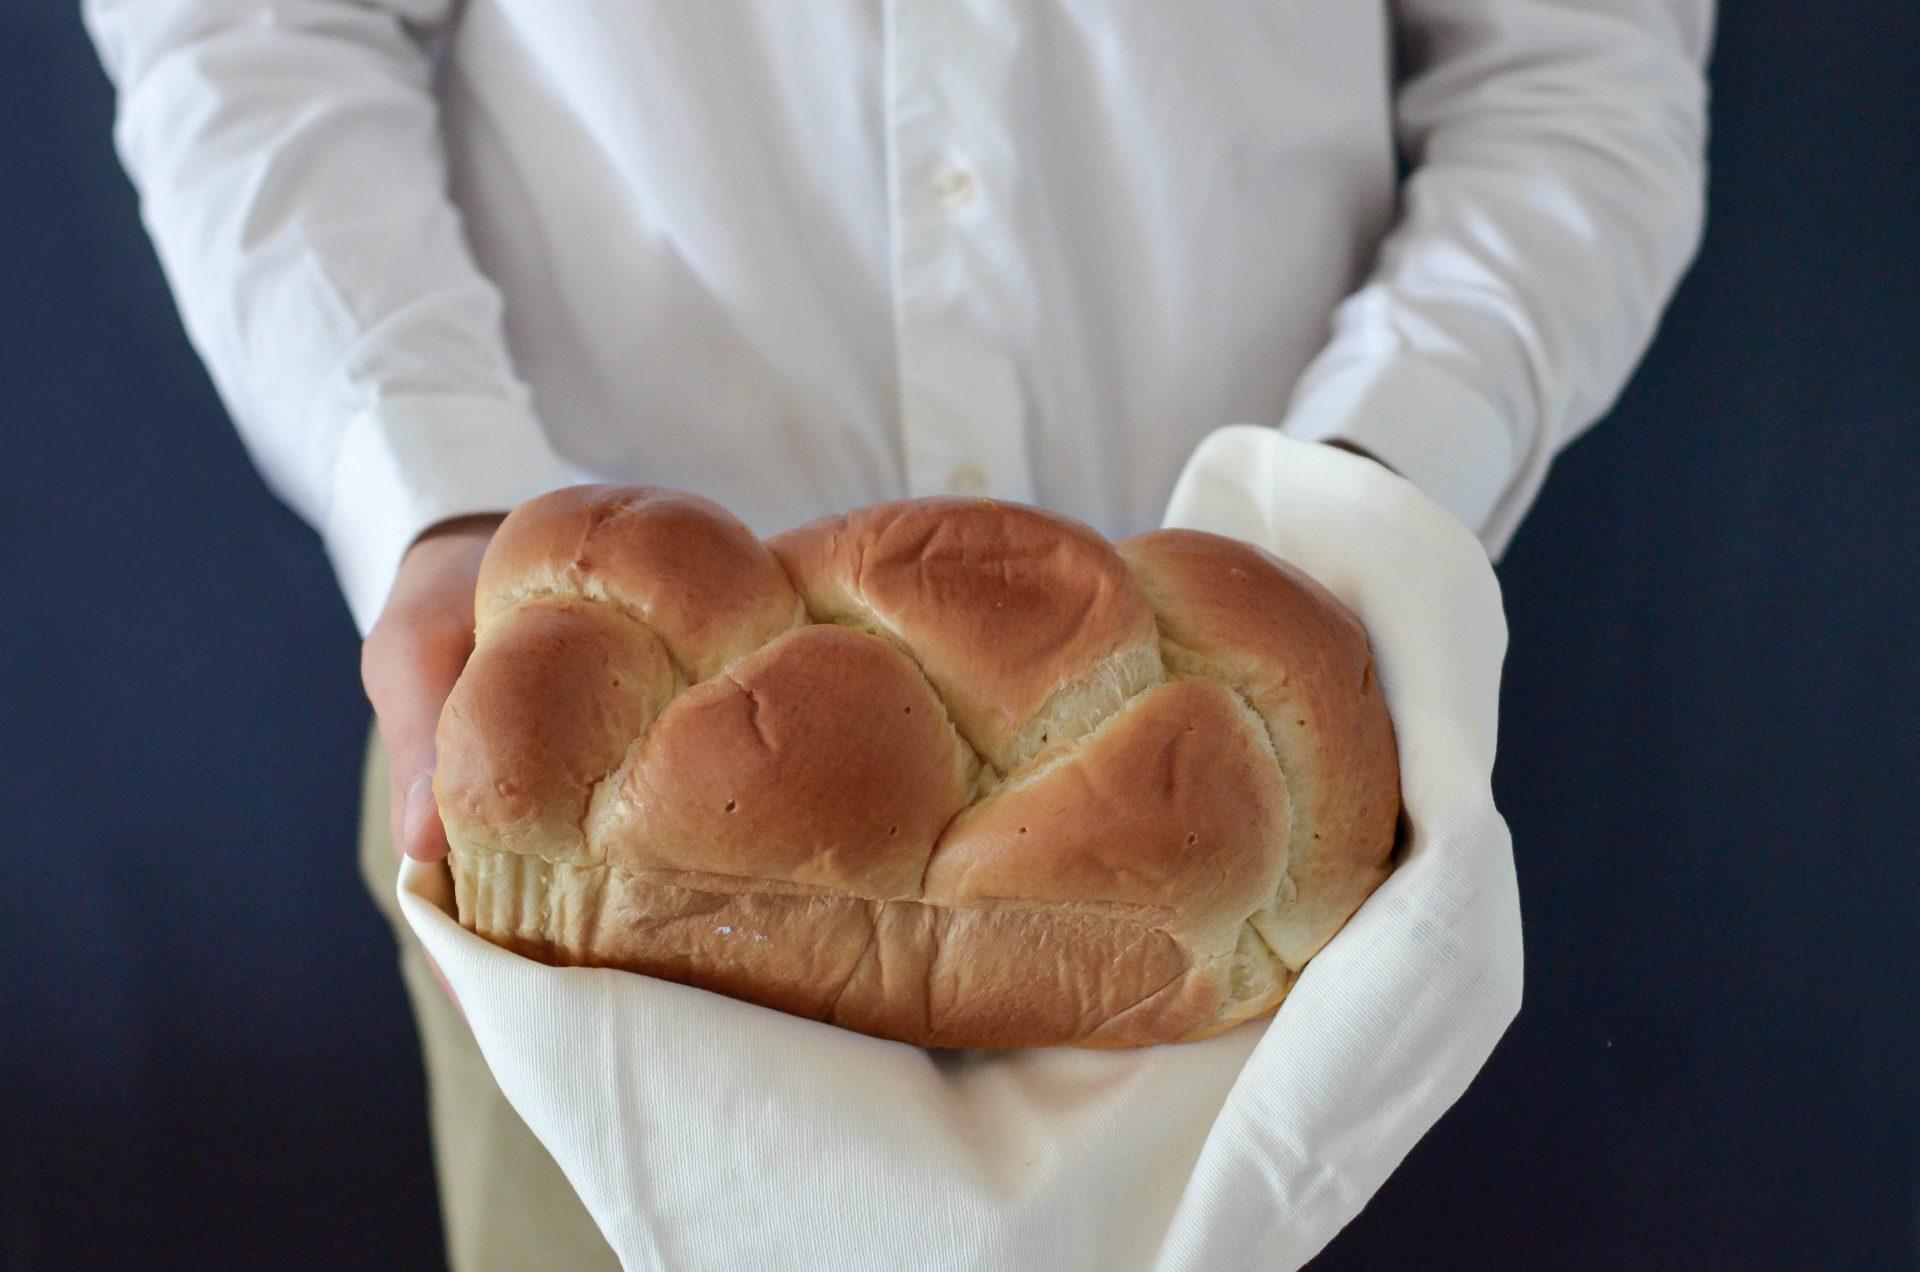 bakery-baking-bread-669730